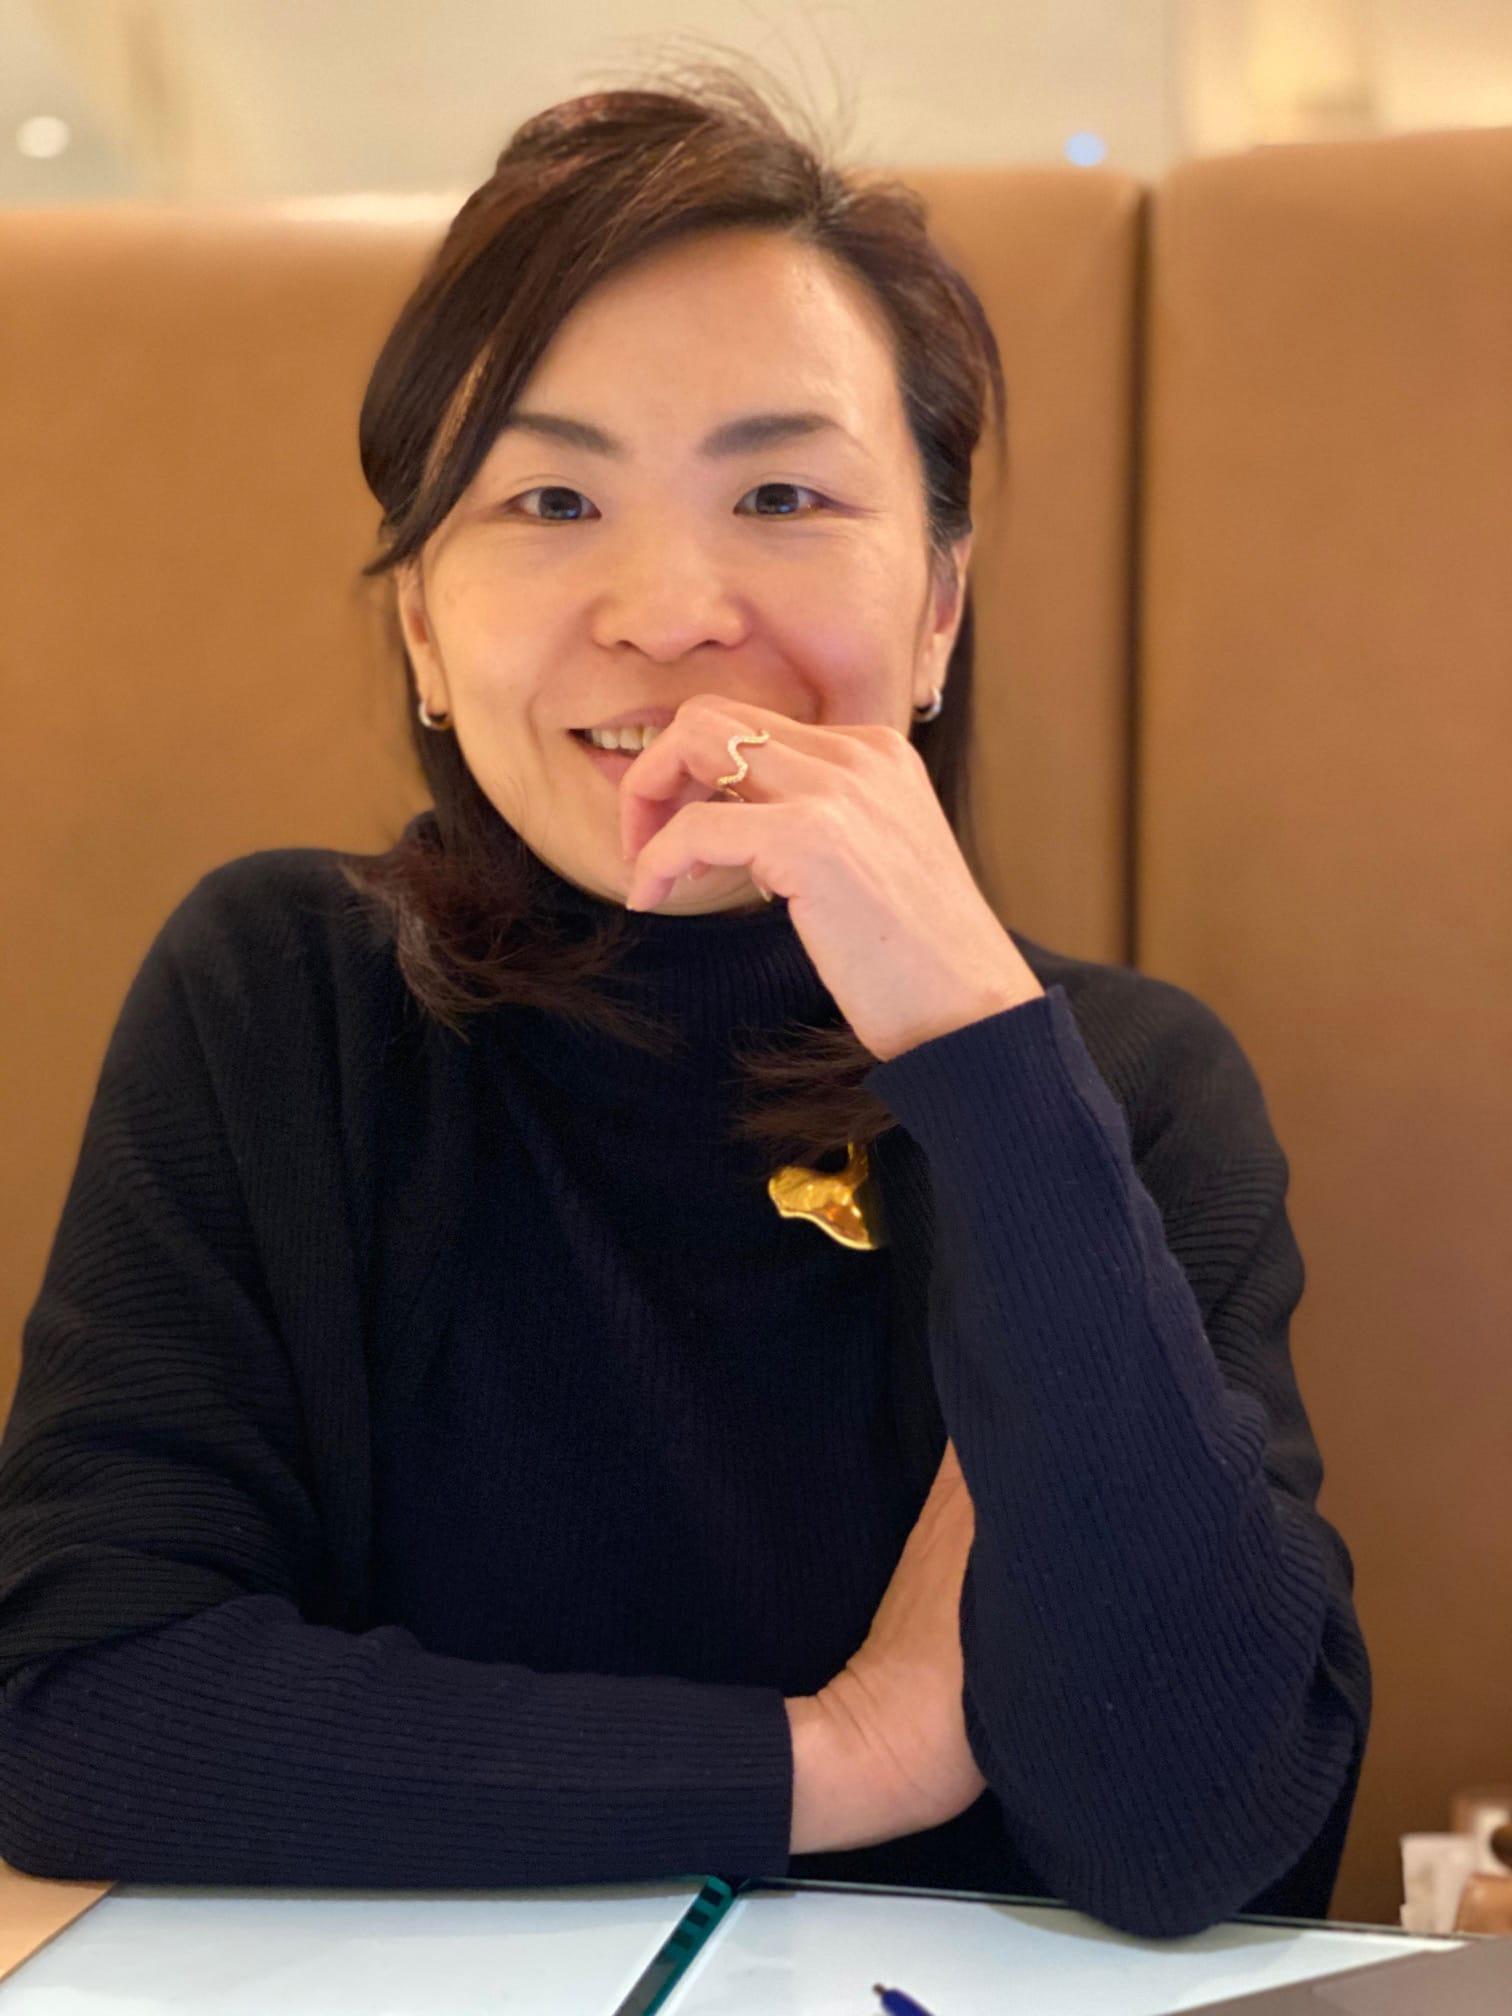 北山実優 Miyu Kitayama株式会社ニキシモ 代表取締役 株式会社二期リゾート 取締役副社長東京学芸大学教育学部卒業。2006年に「二期リゾート」へ入社。その後、ブランドコミュニケ―ション部部長を経て、現職へ。現在は「アートビオトープ那須」の新たなプロジェクトのディレクションを行っている。